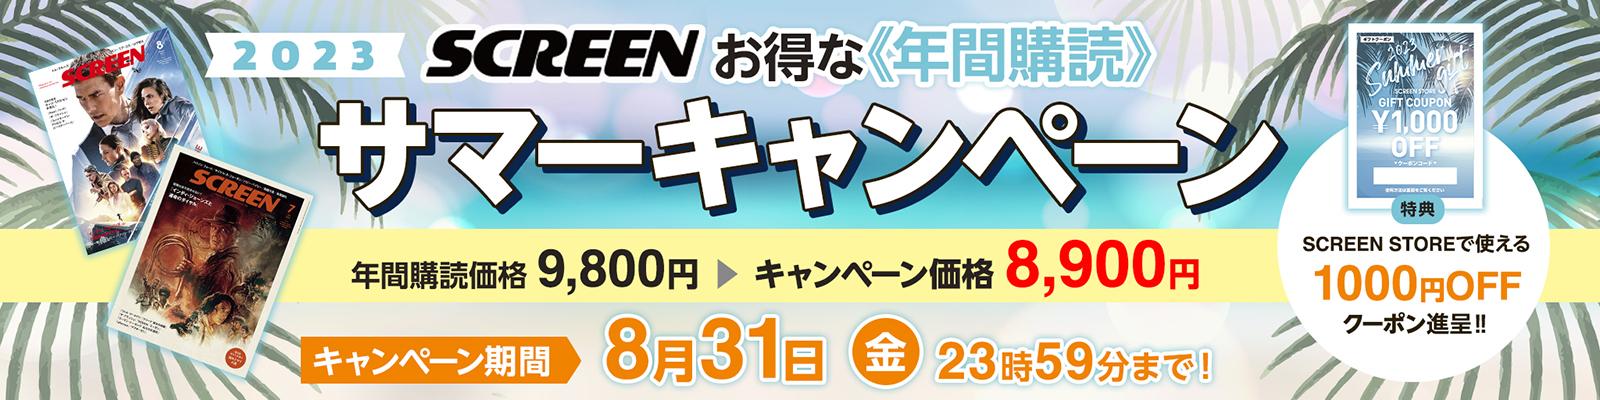 https://screenstore.jp/shopdetail/000000004132/